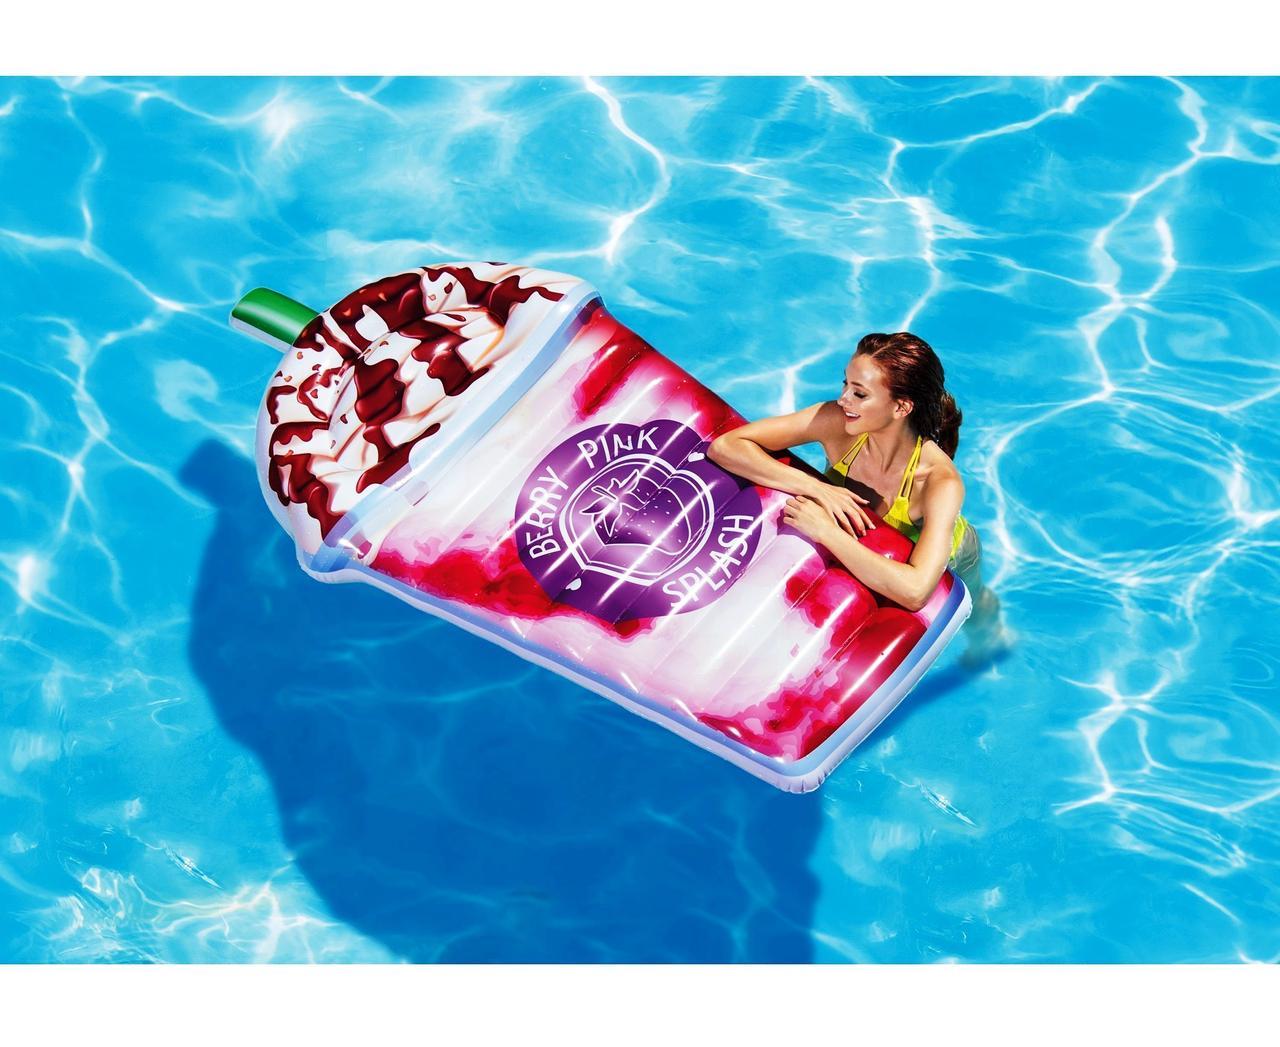 Пляжный надувной матрас - плот Intex 58777 Ягодный коктейль, 198 х 107 см